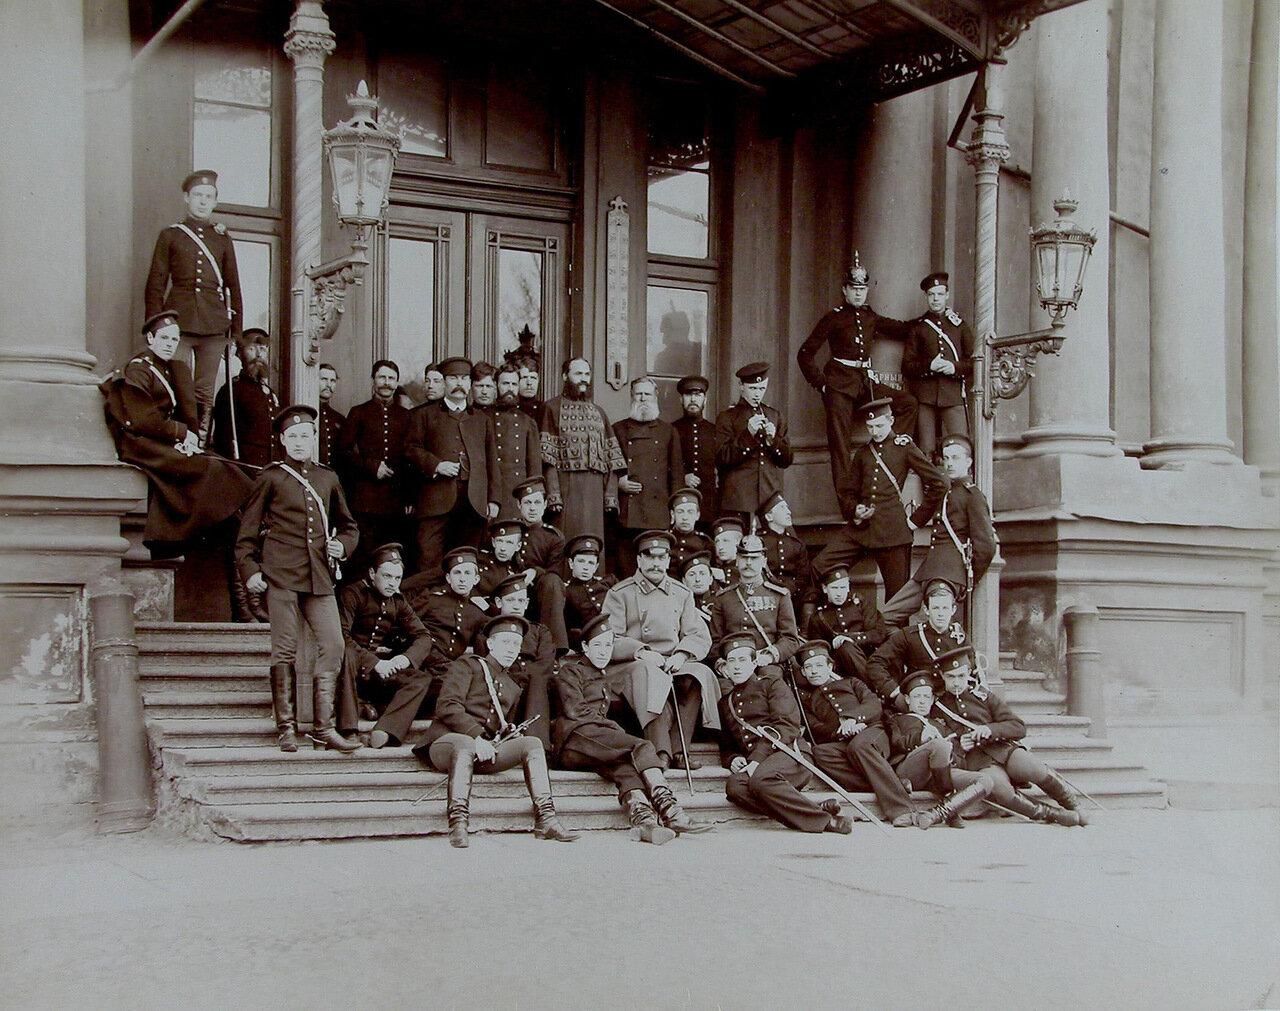 16. Группа воспитанников Пажеского корпуса с офицером и служителями у главного подъезда